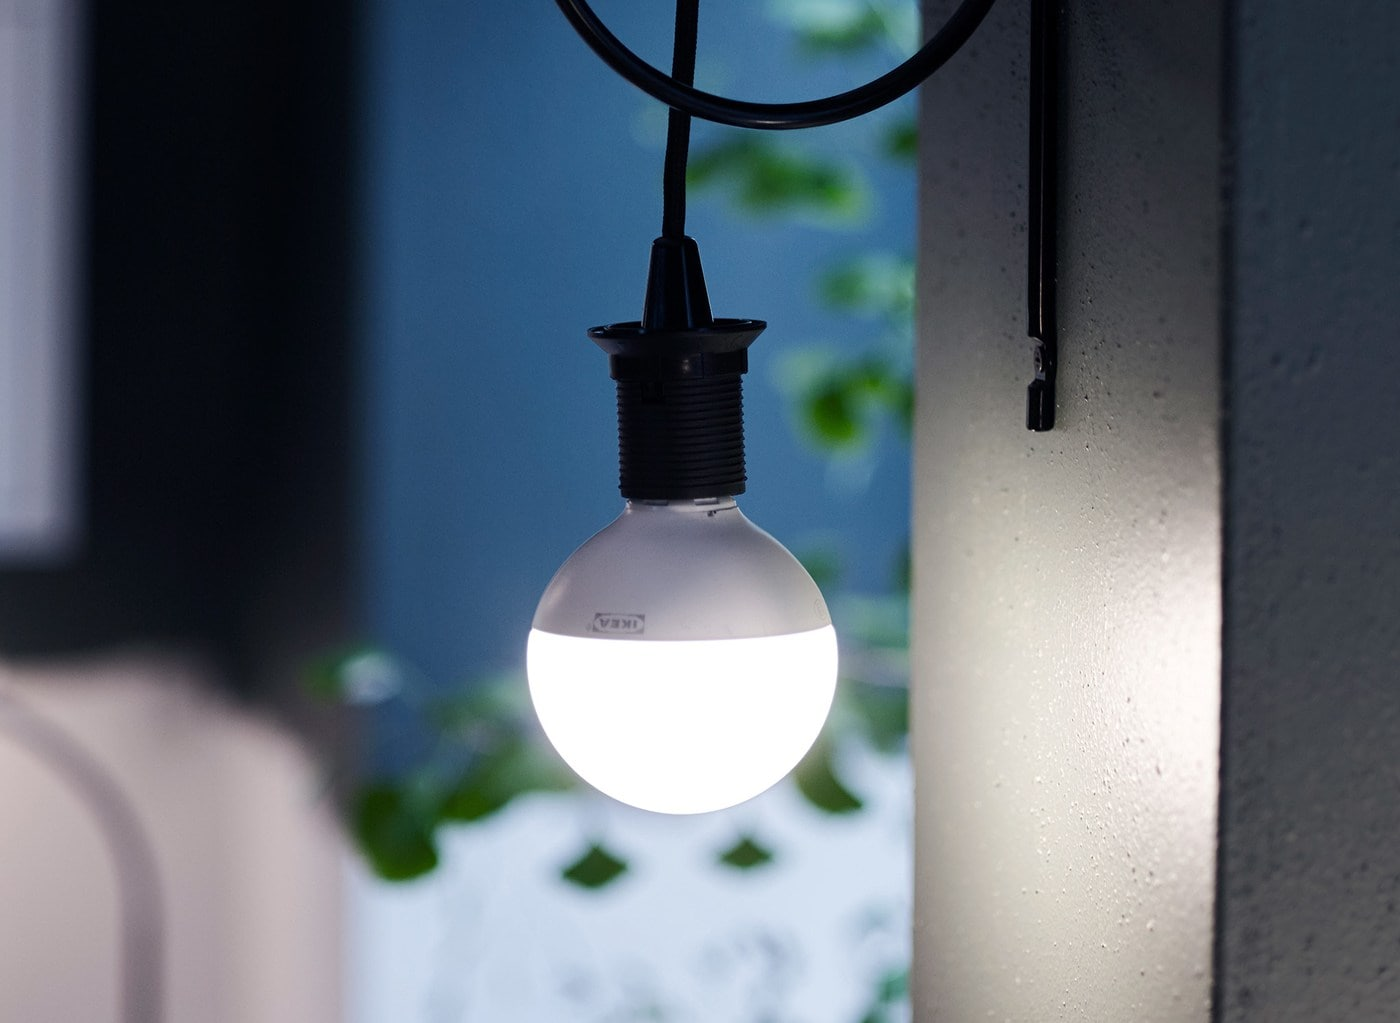 Ein LED-Leuchtmittel hängt an einer dunkelblauen Wand von einem schwarzen Kabel herab.